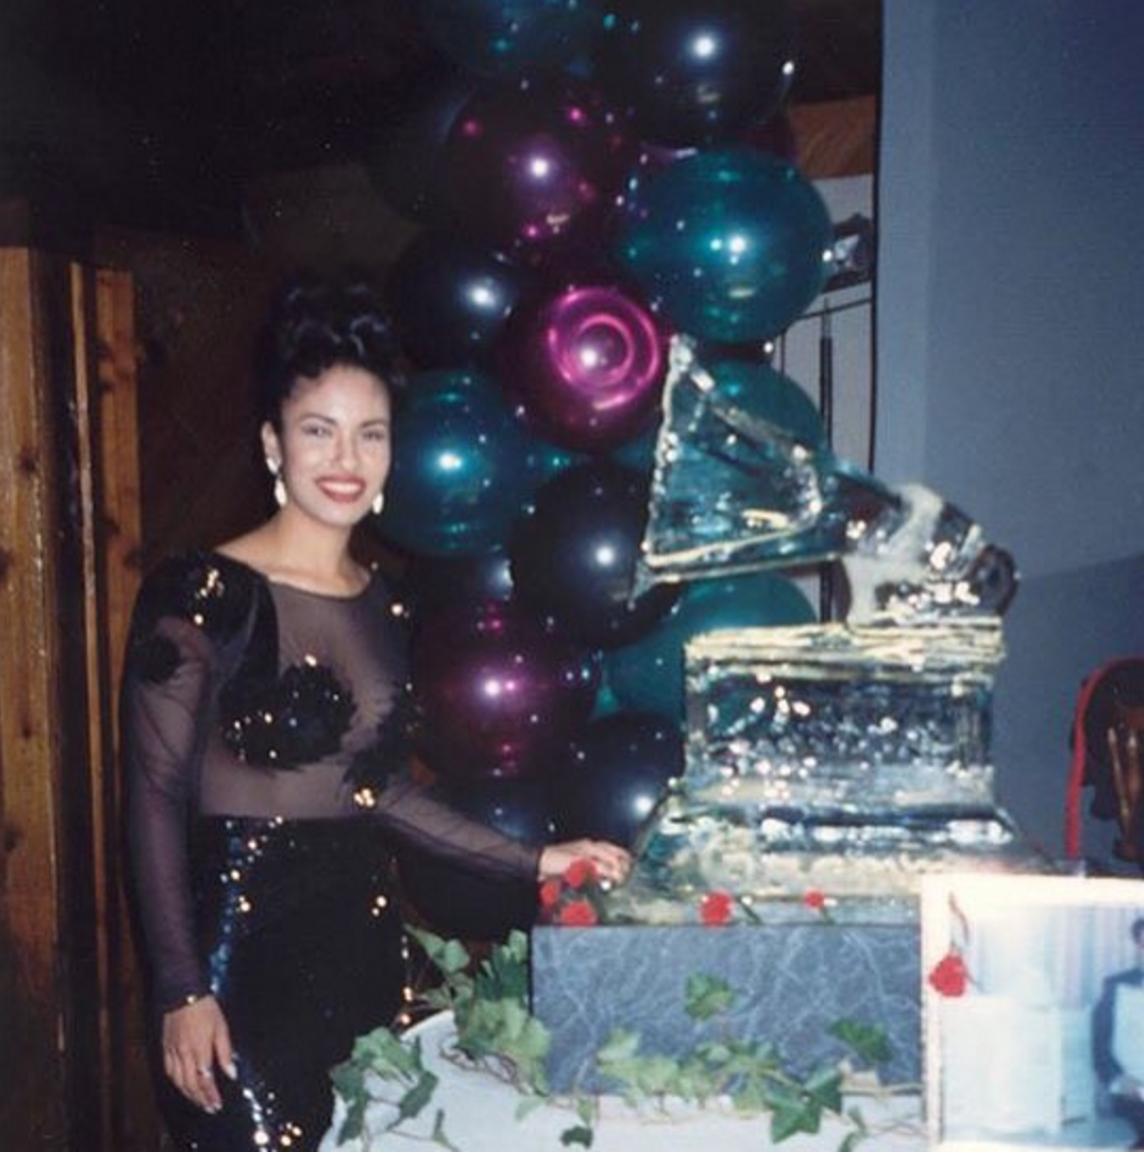 Selena's Day, April 16